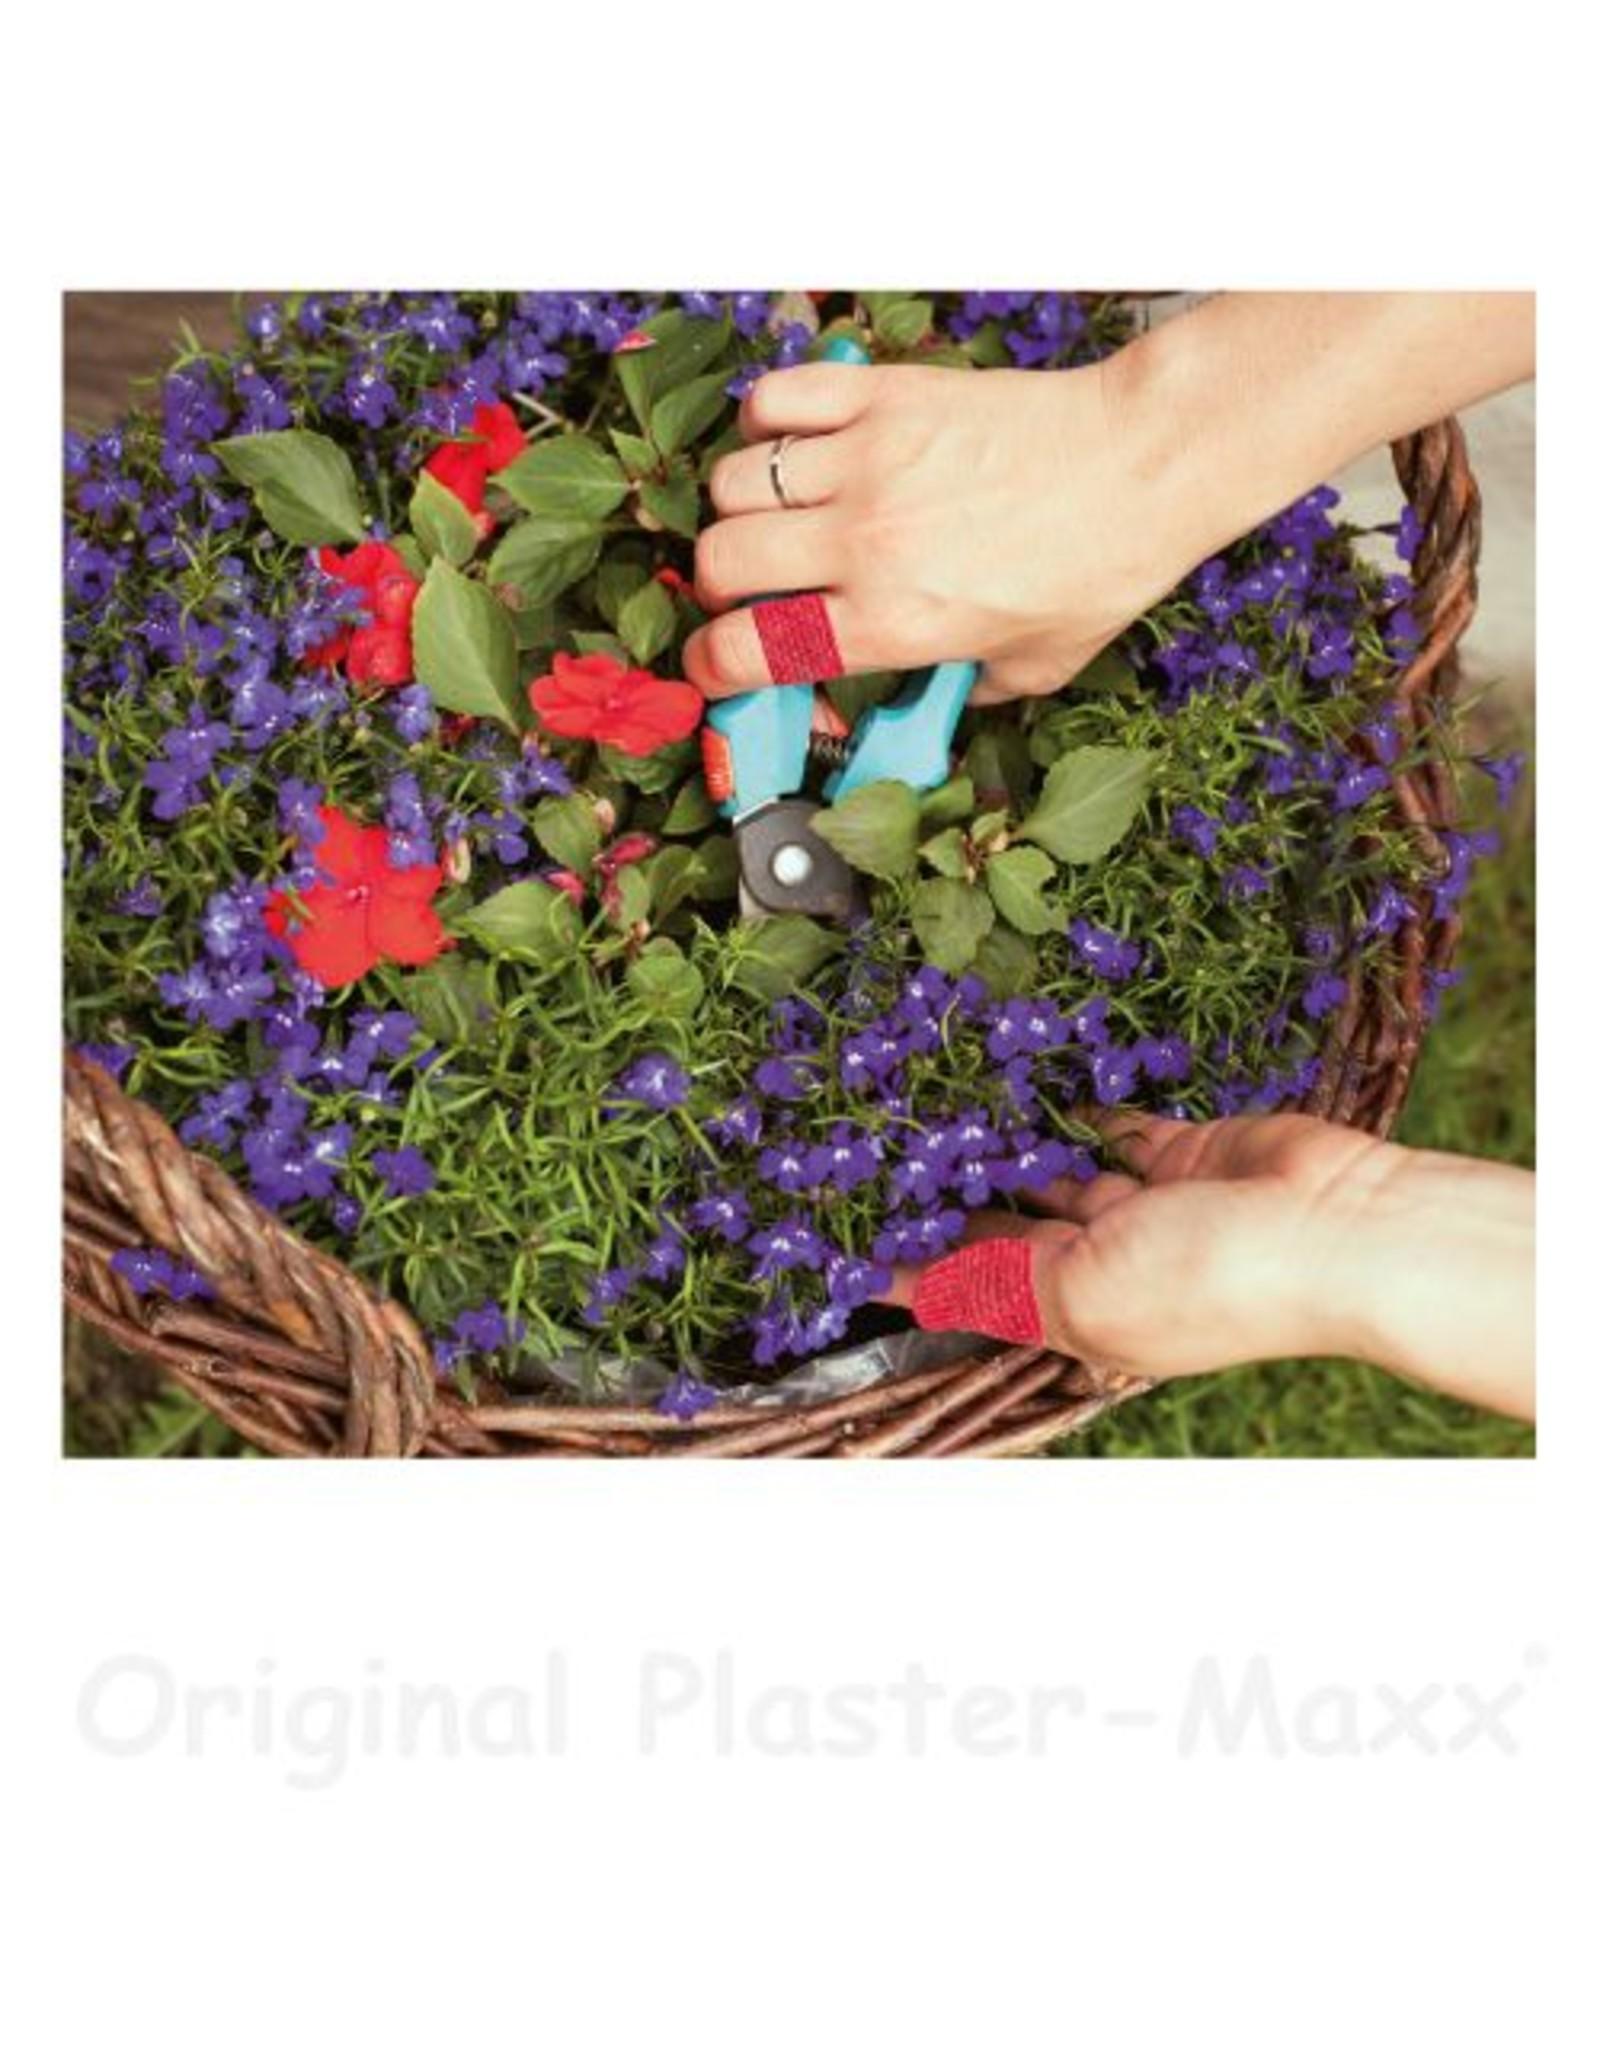 Kuschel-Maxx Plaster-Maxx - Valueset 2xSkin, 1xBlue